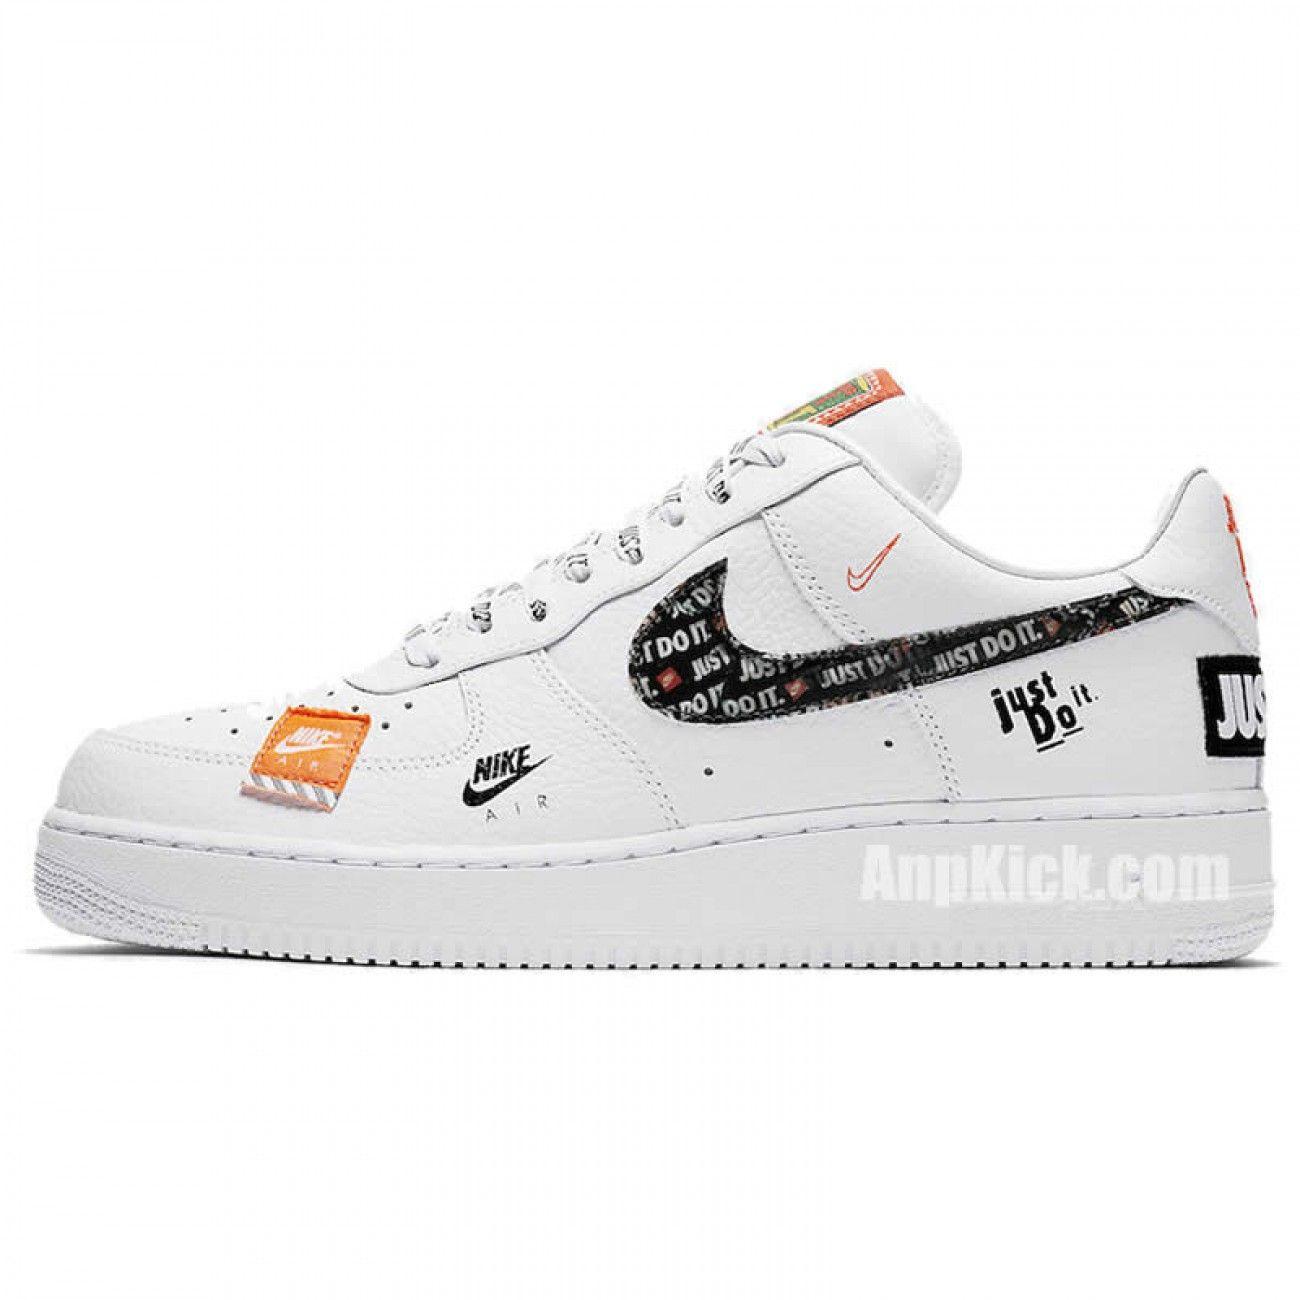 Nike Air Force 1 07 Low Premium Just Do It Jdi Custom Air